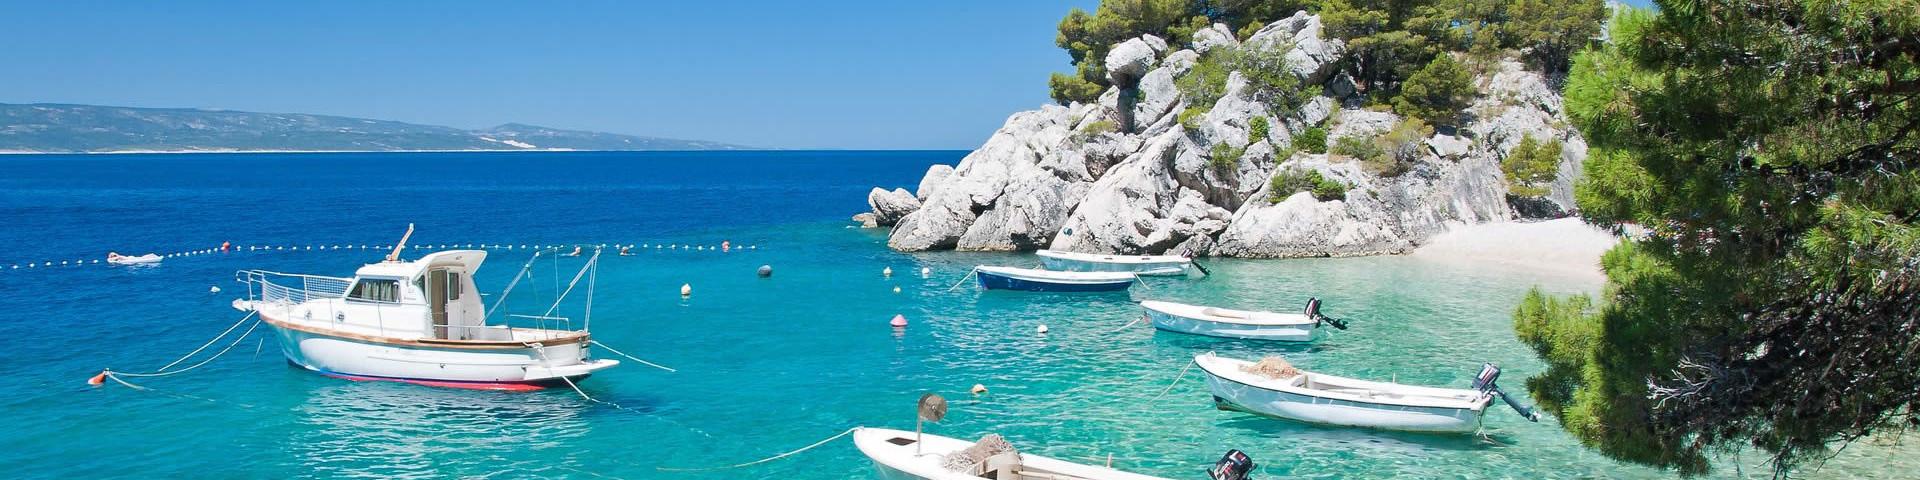 Brela - Makarska Riviera